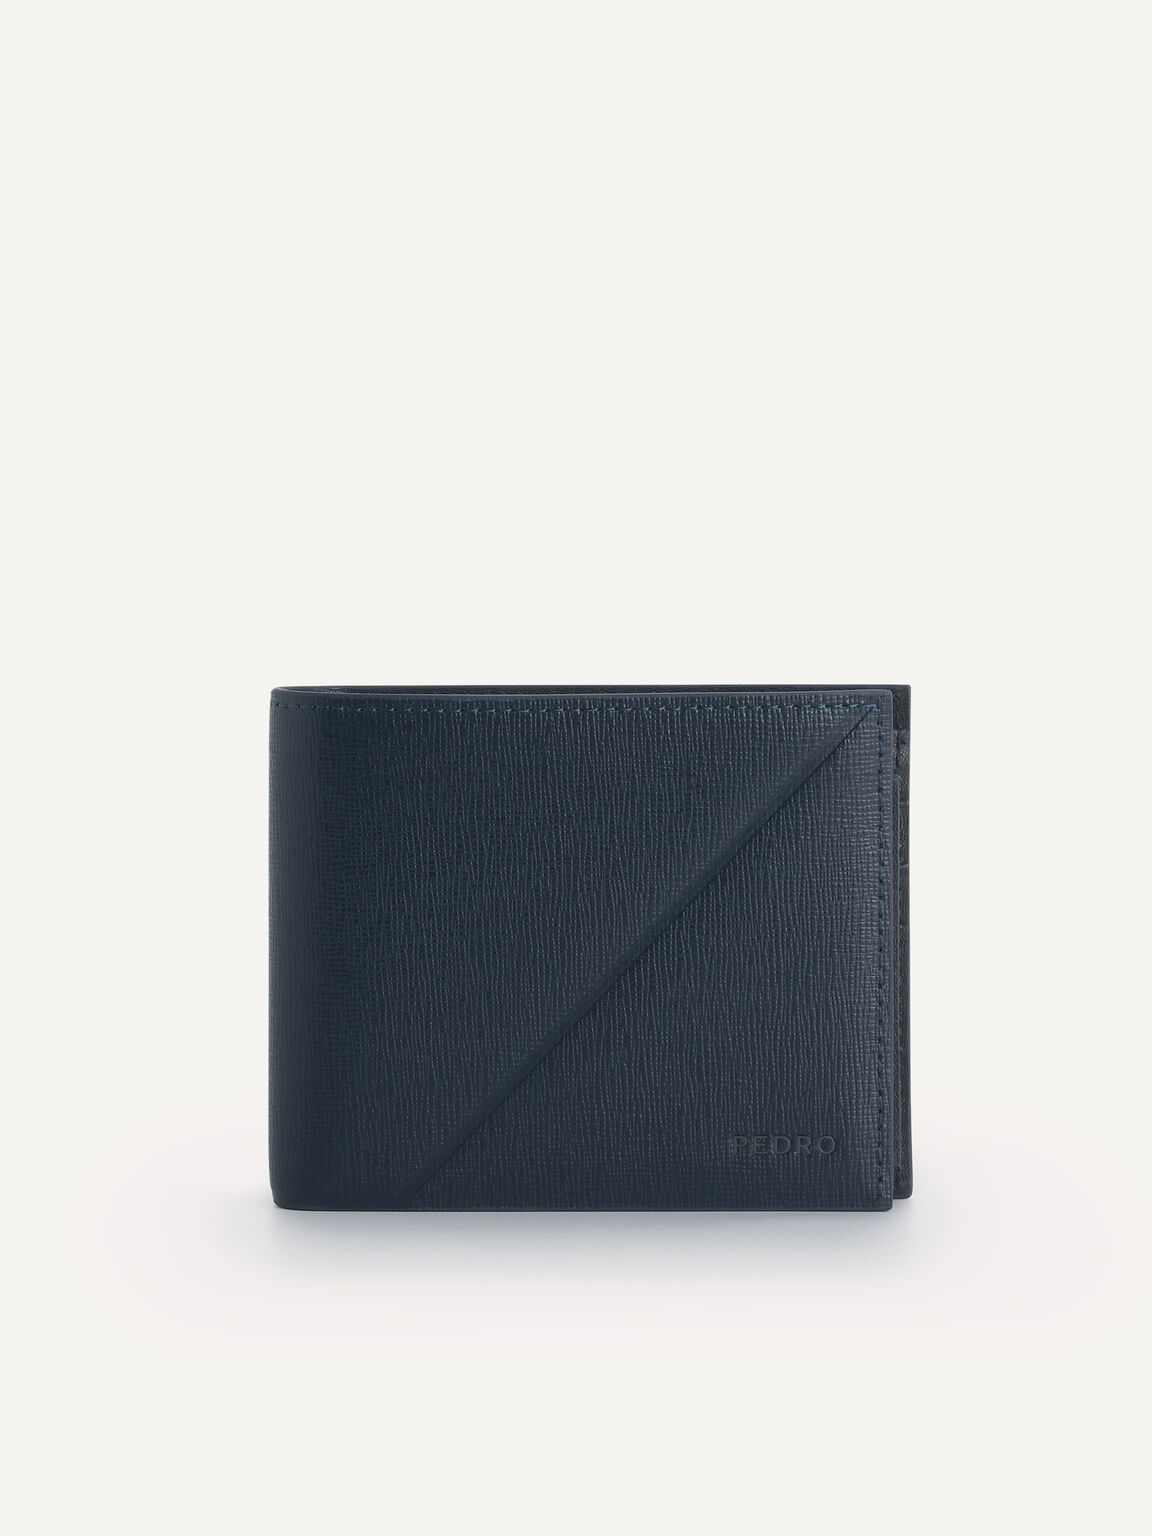 織紋皮革雙折疊錢包帶內膽, 海军蓝色, hi-res